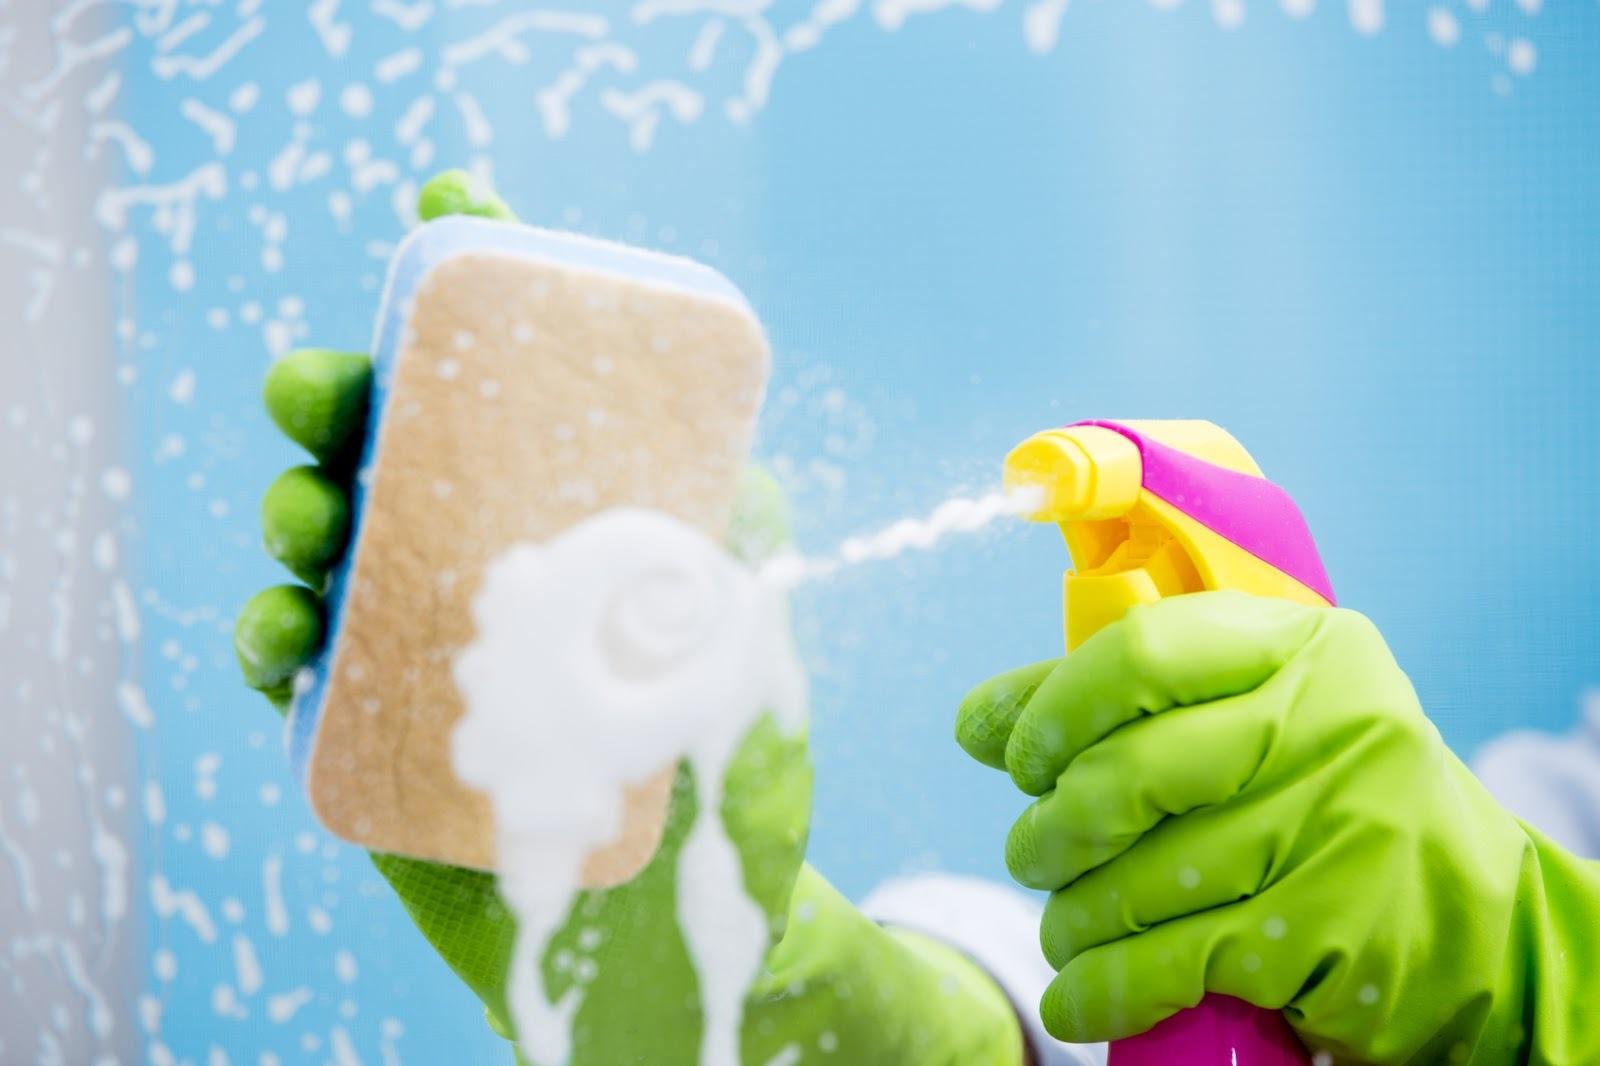 Cómo limpiar los cristales de tu hogar